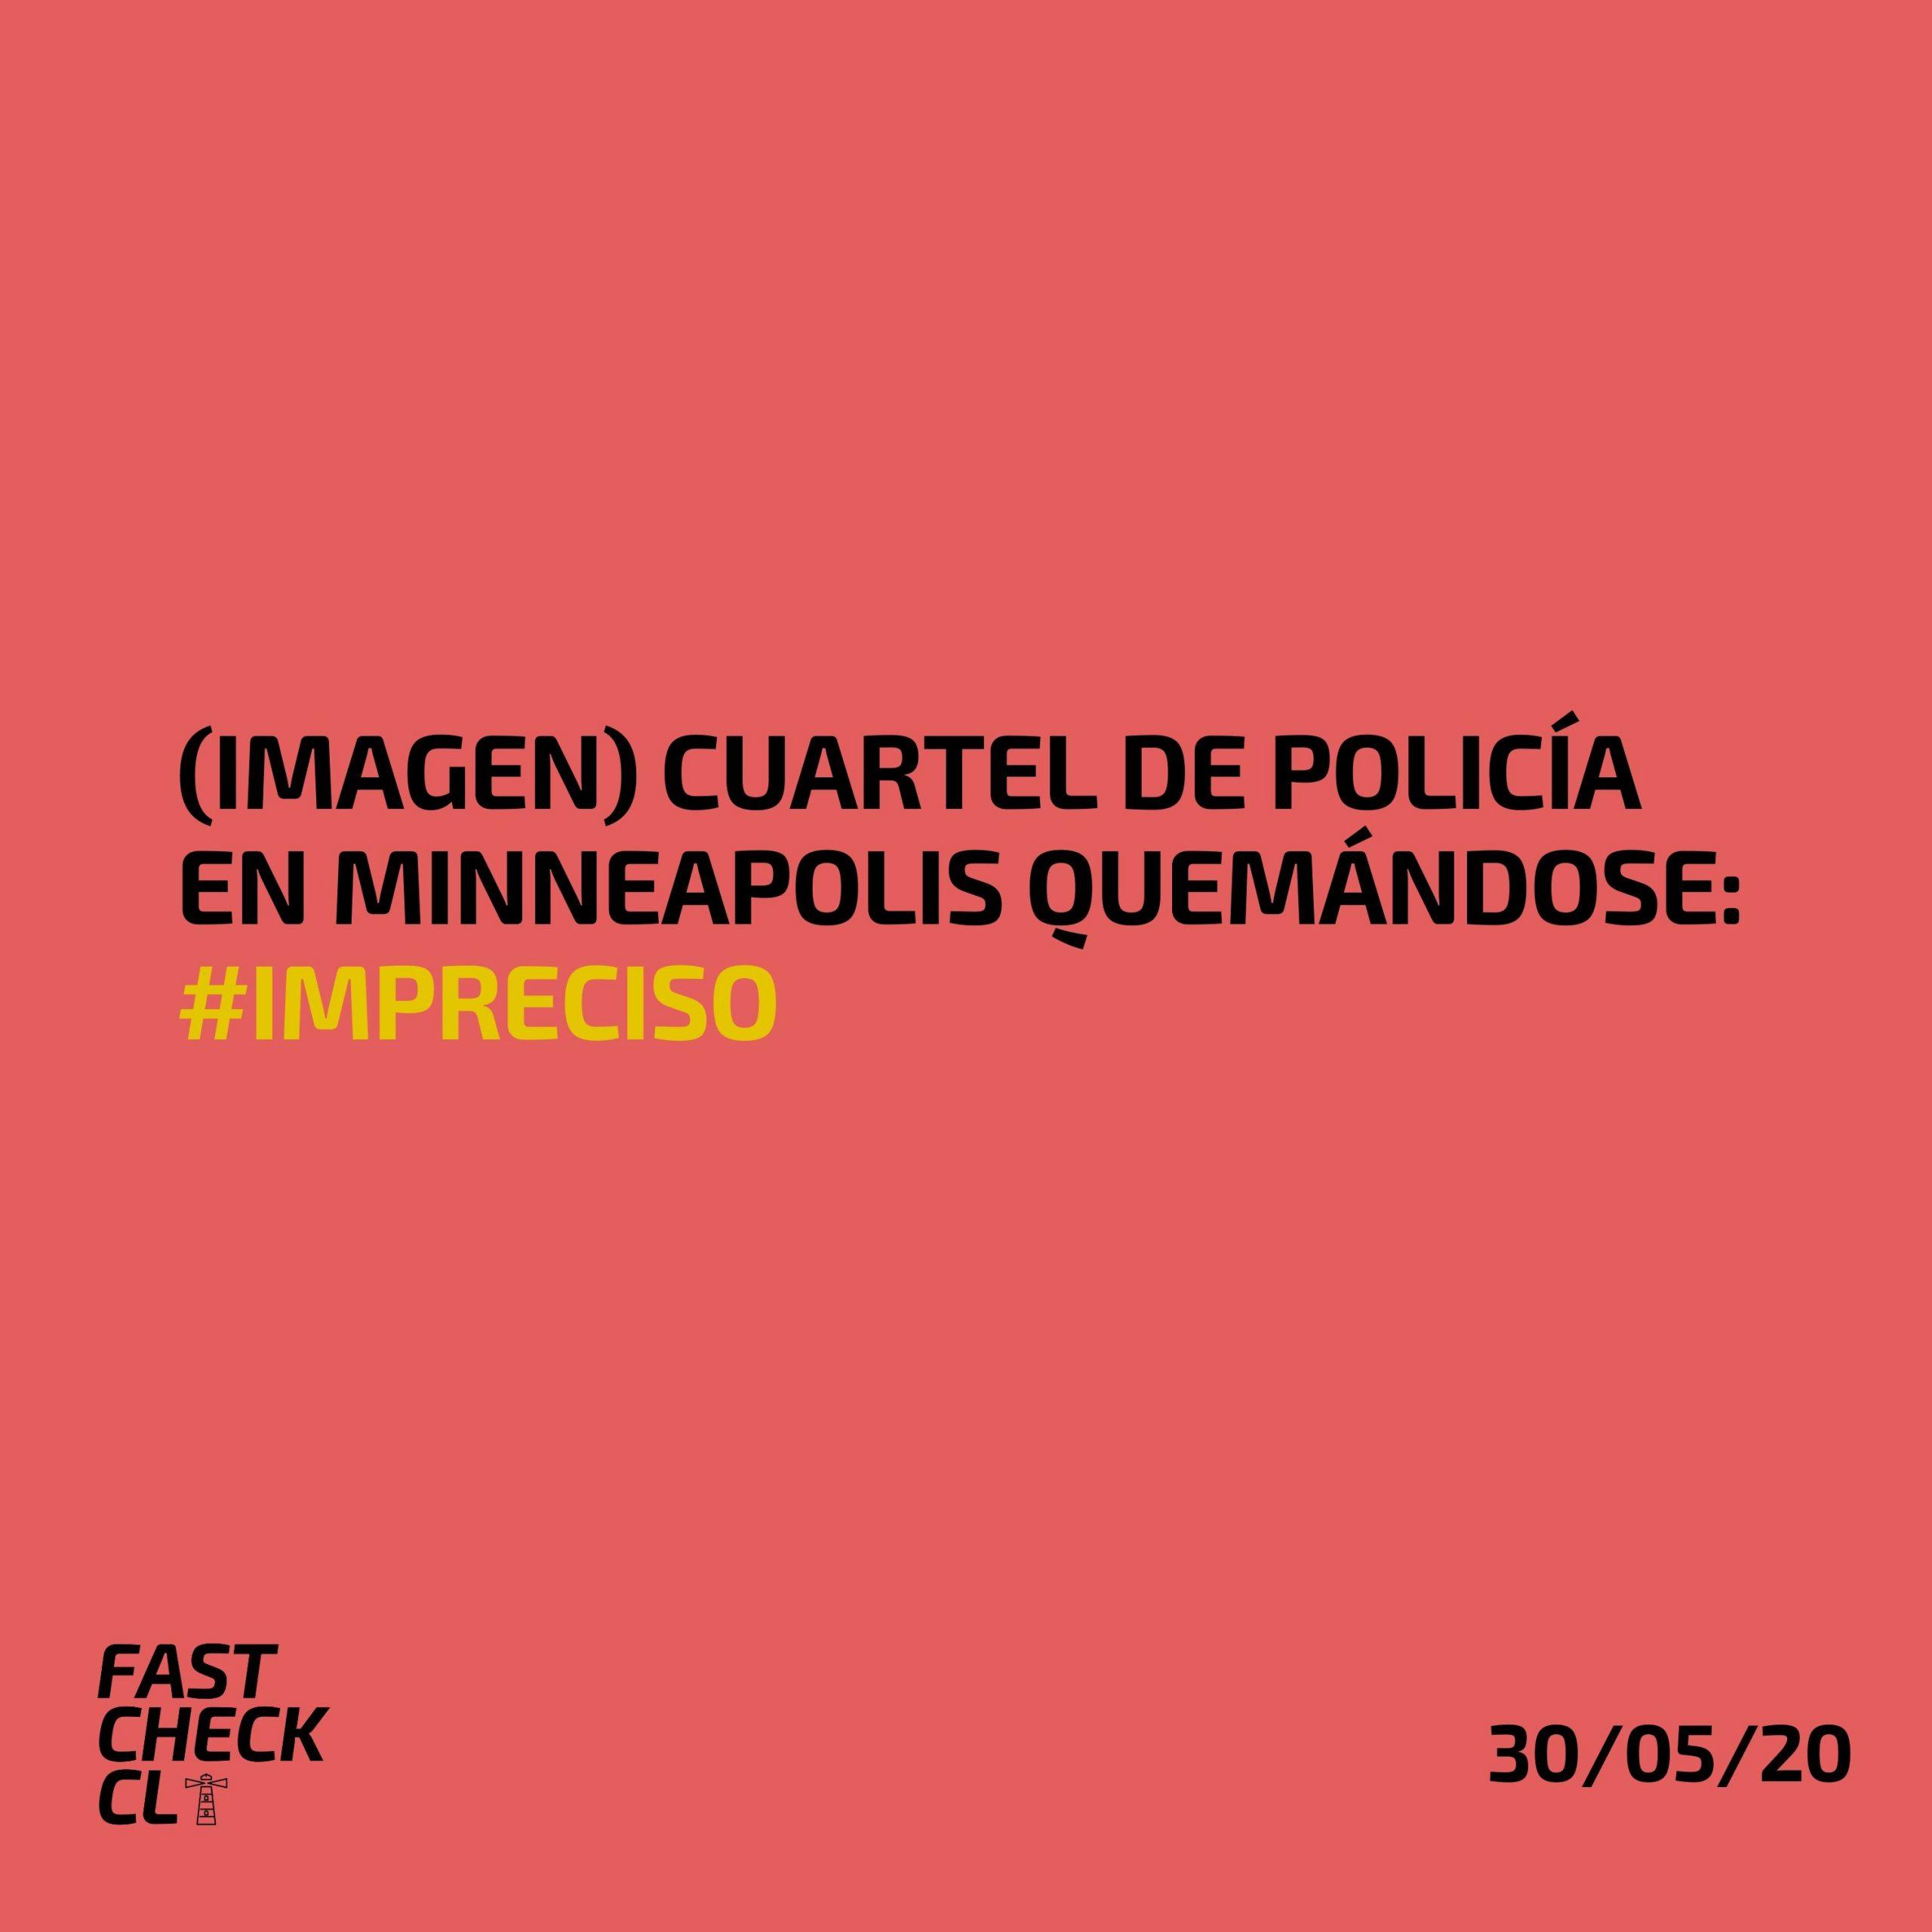 Read more about the article (Imagen) Cuartel de Policía en Minneapolis quemándose: #Impreciso